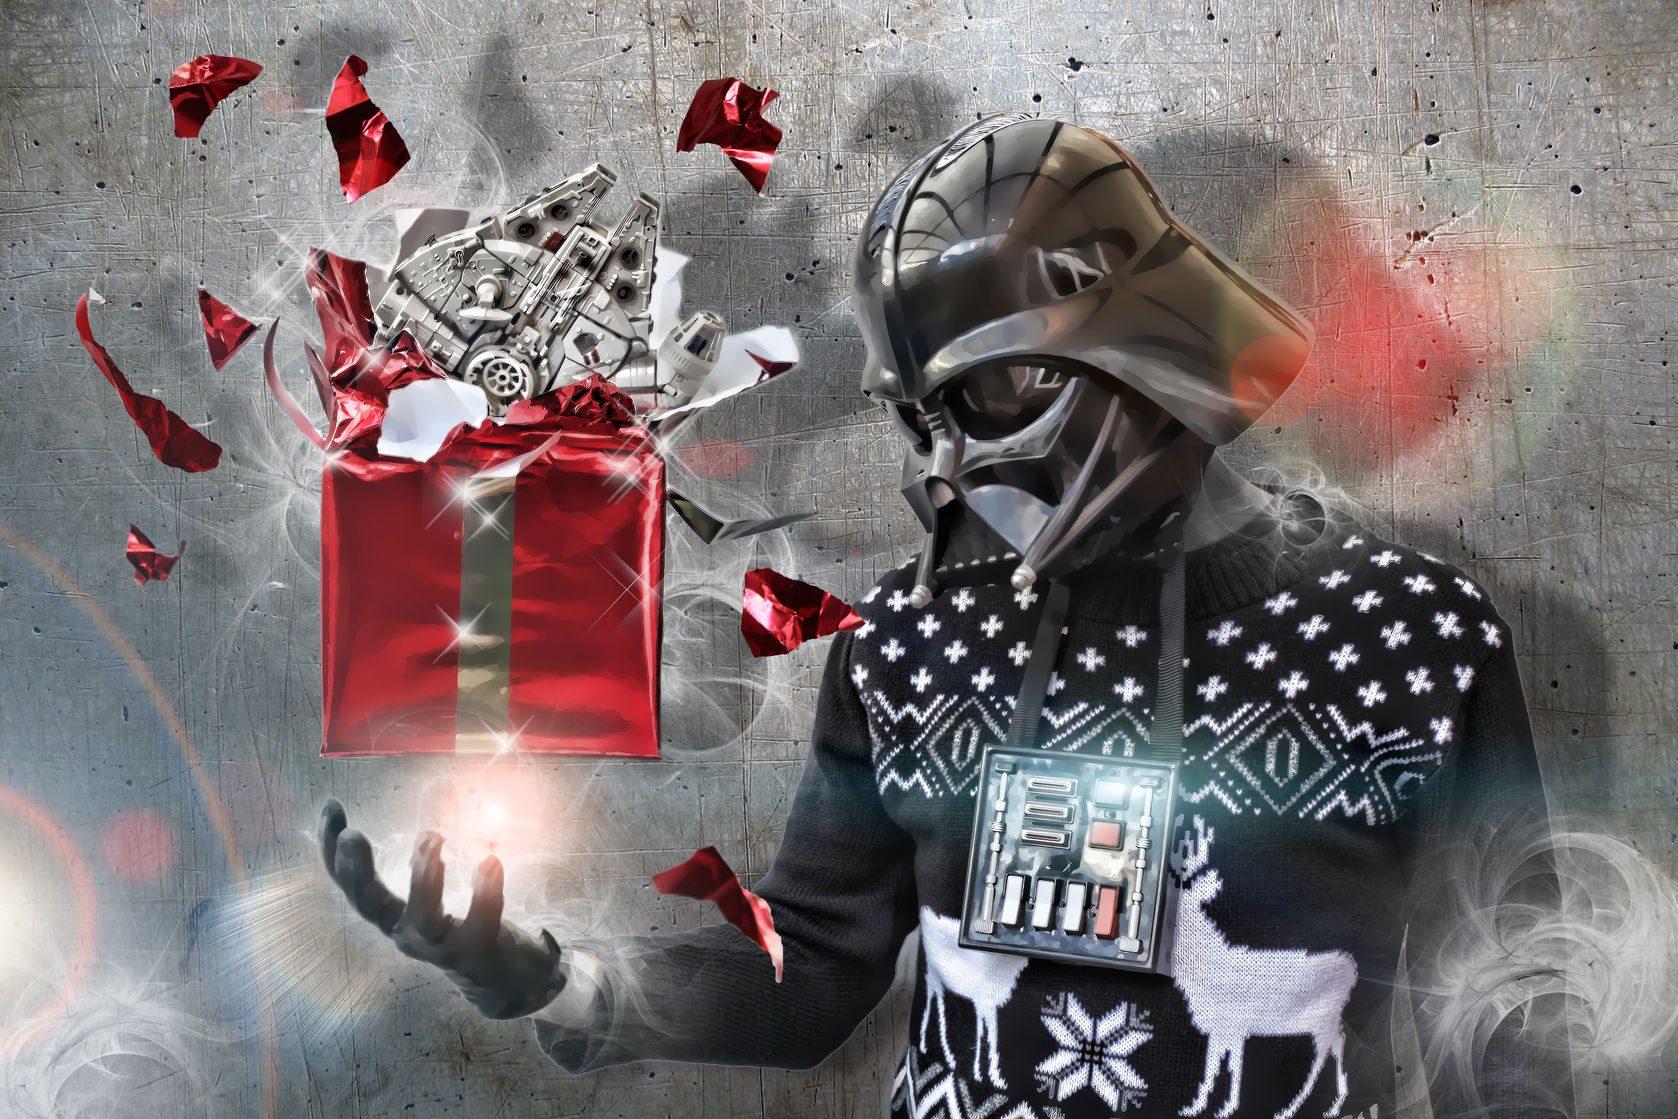 Death Star Runs on SAP